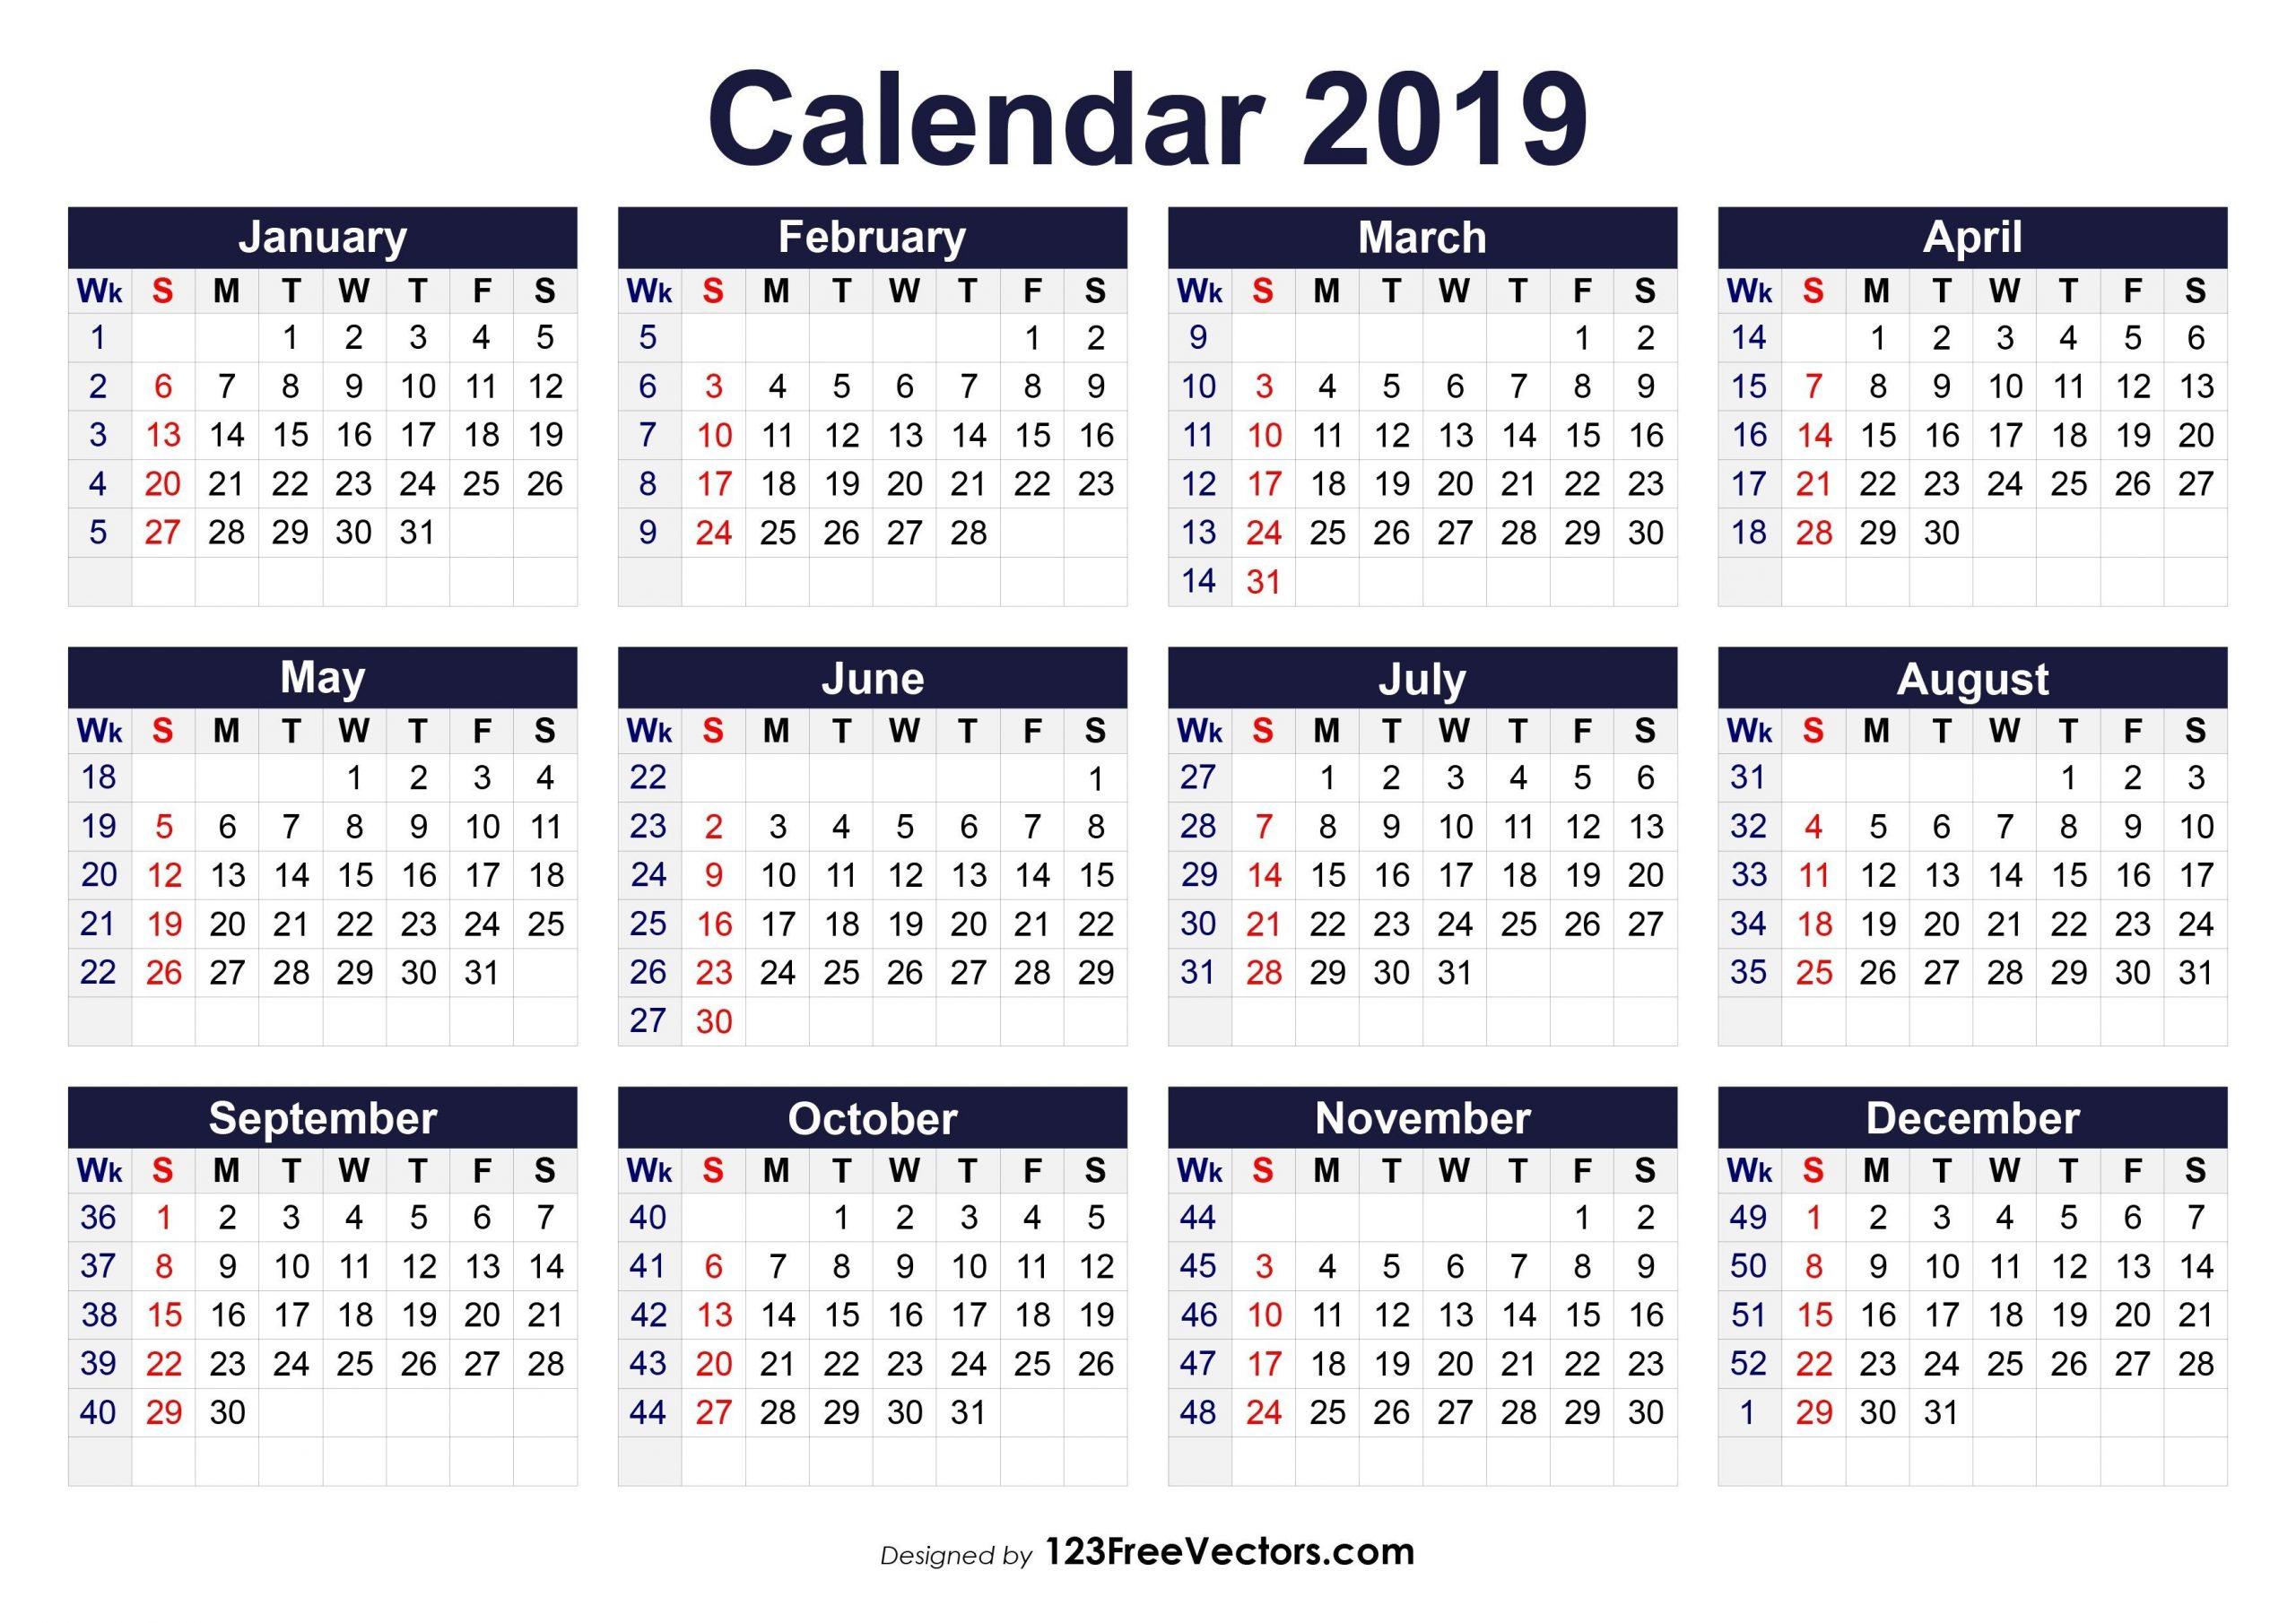 Pick 2019 Calendar With Week Numbers